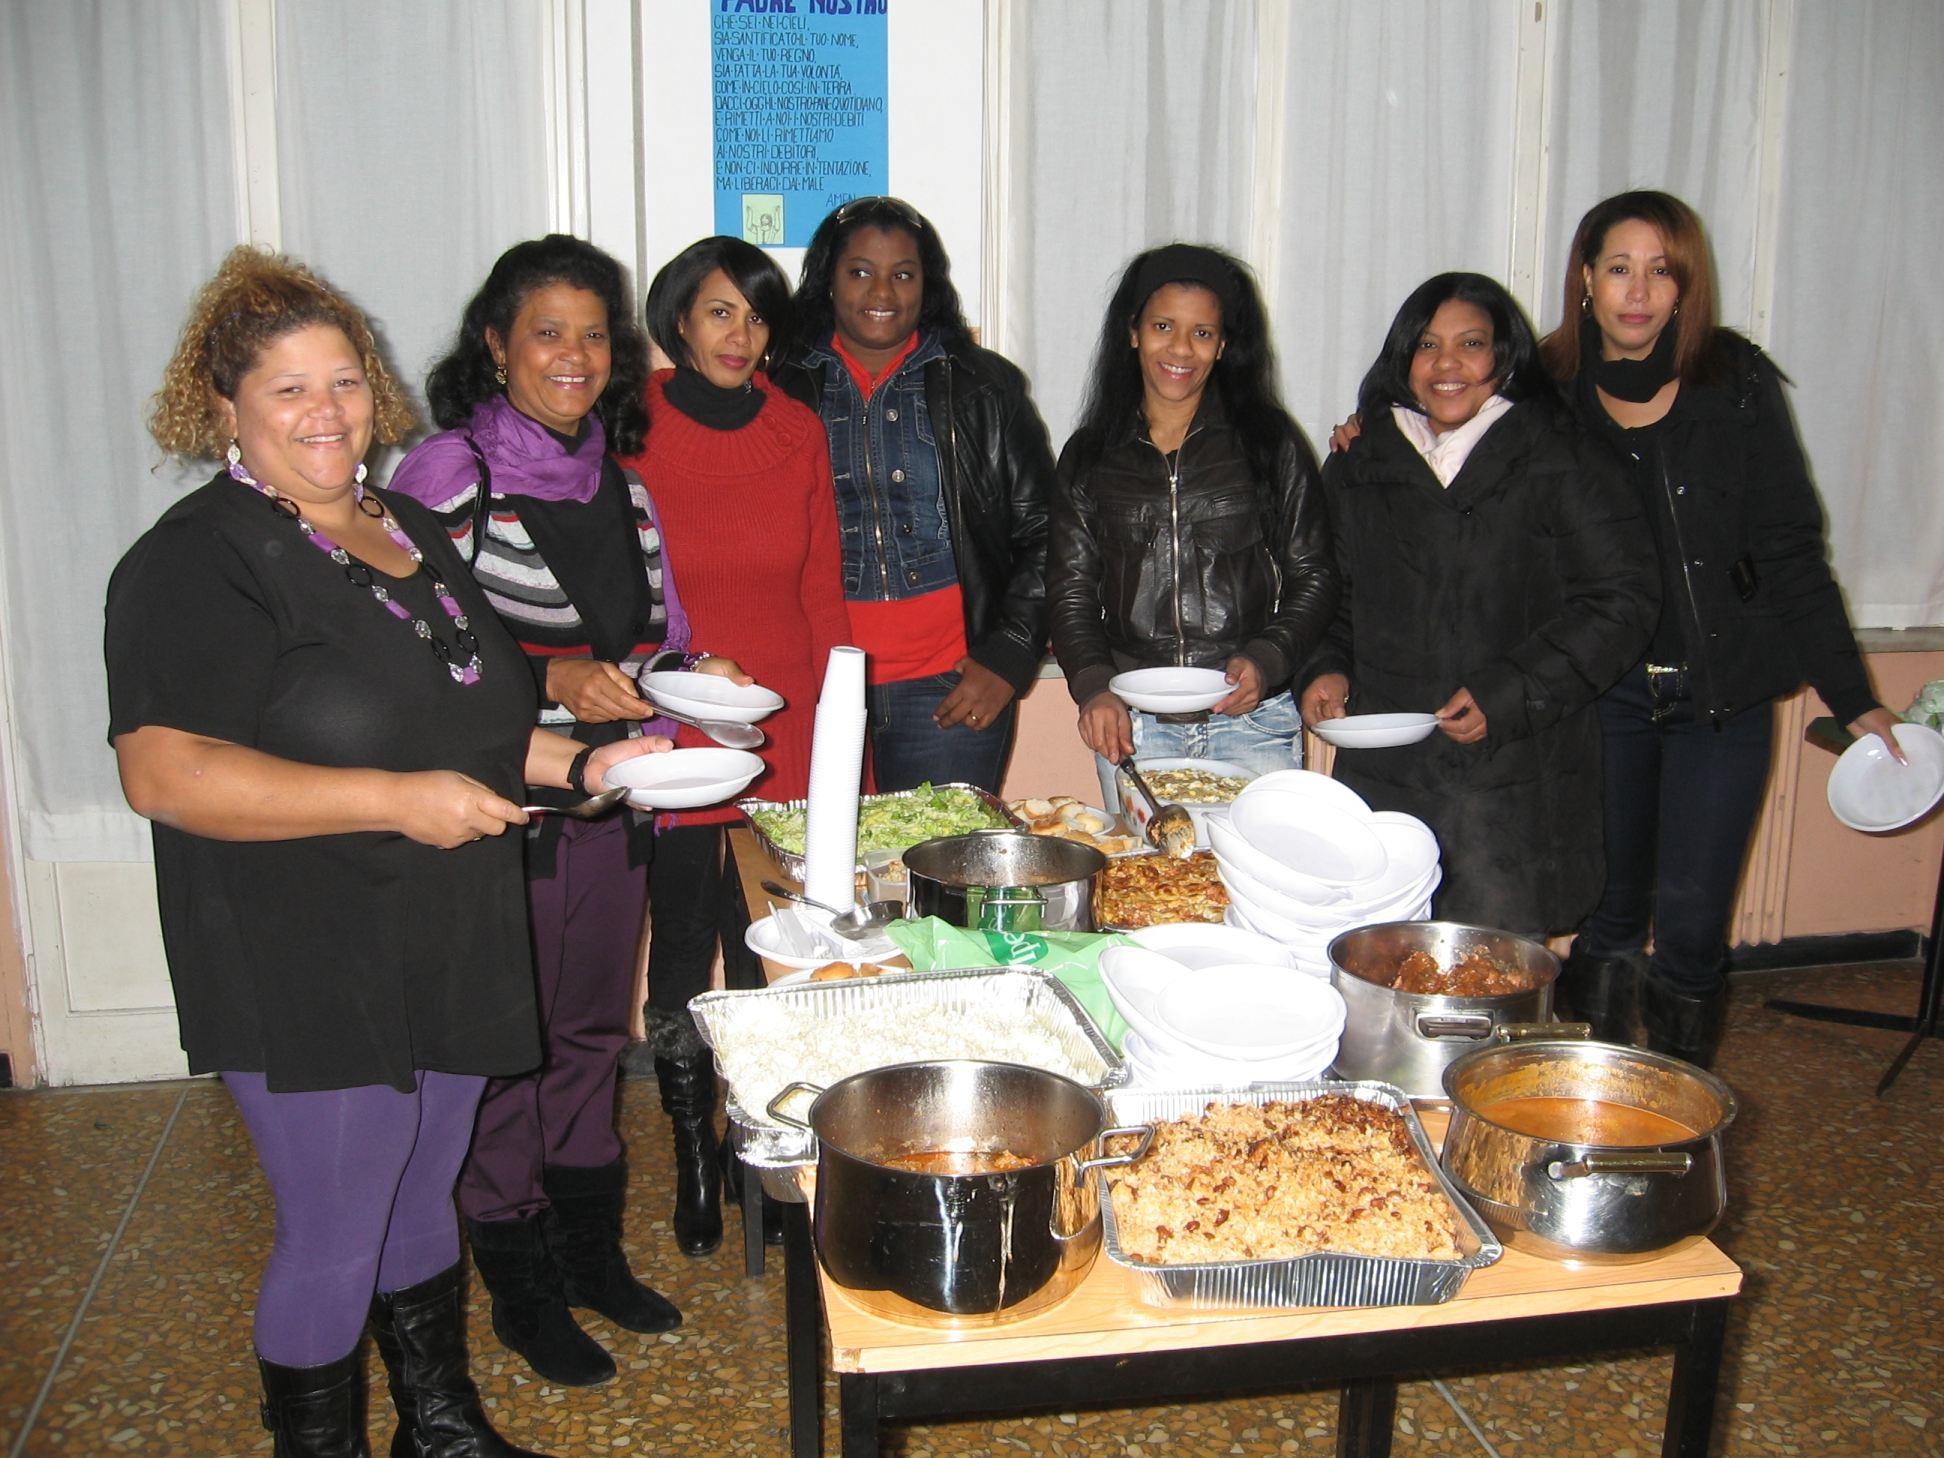 Dominicani-2009-12-20--19.23.11